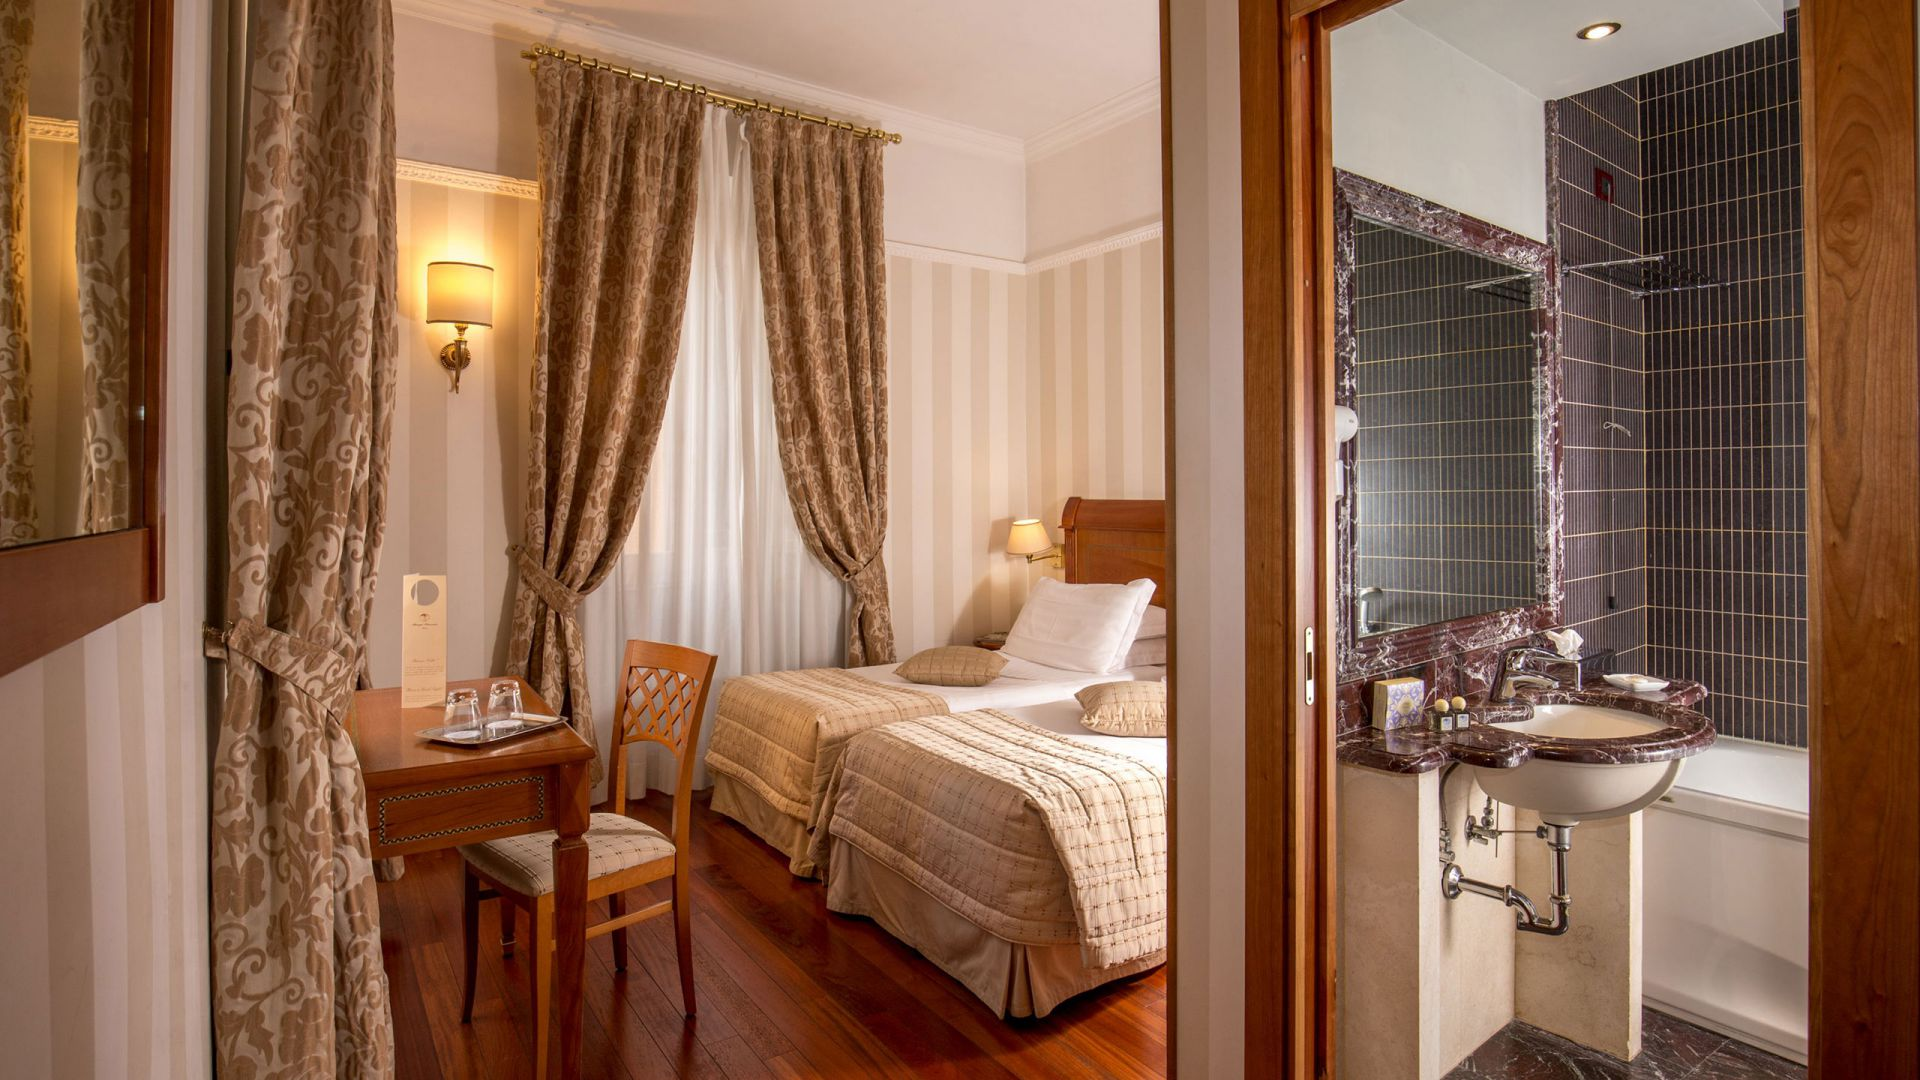 albergo-ottocento-rome-chambre-double-deluxe-09